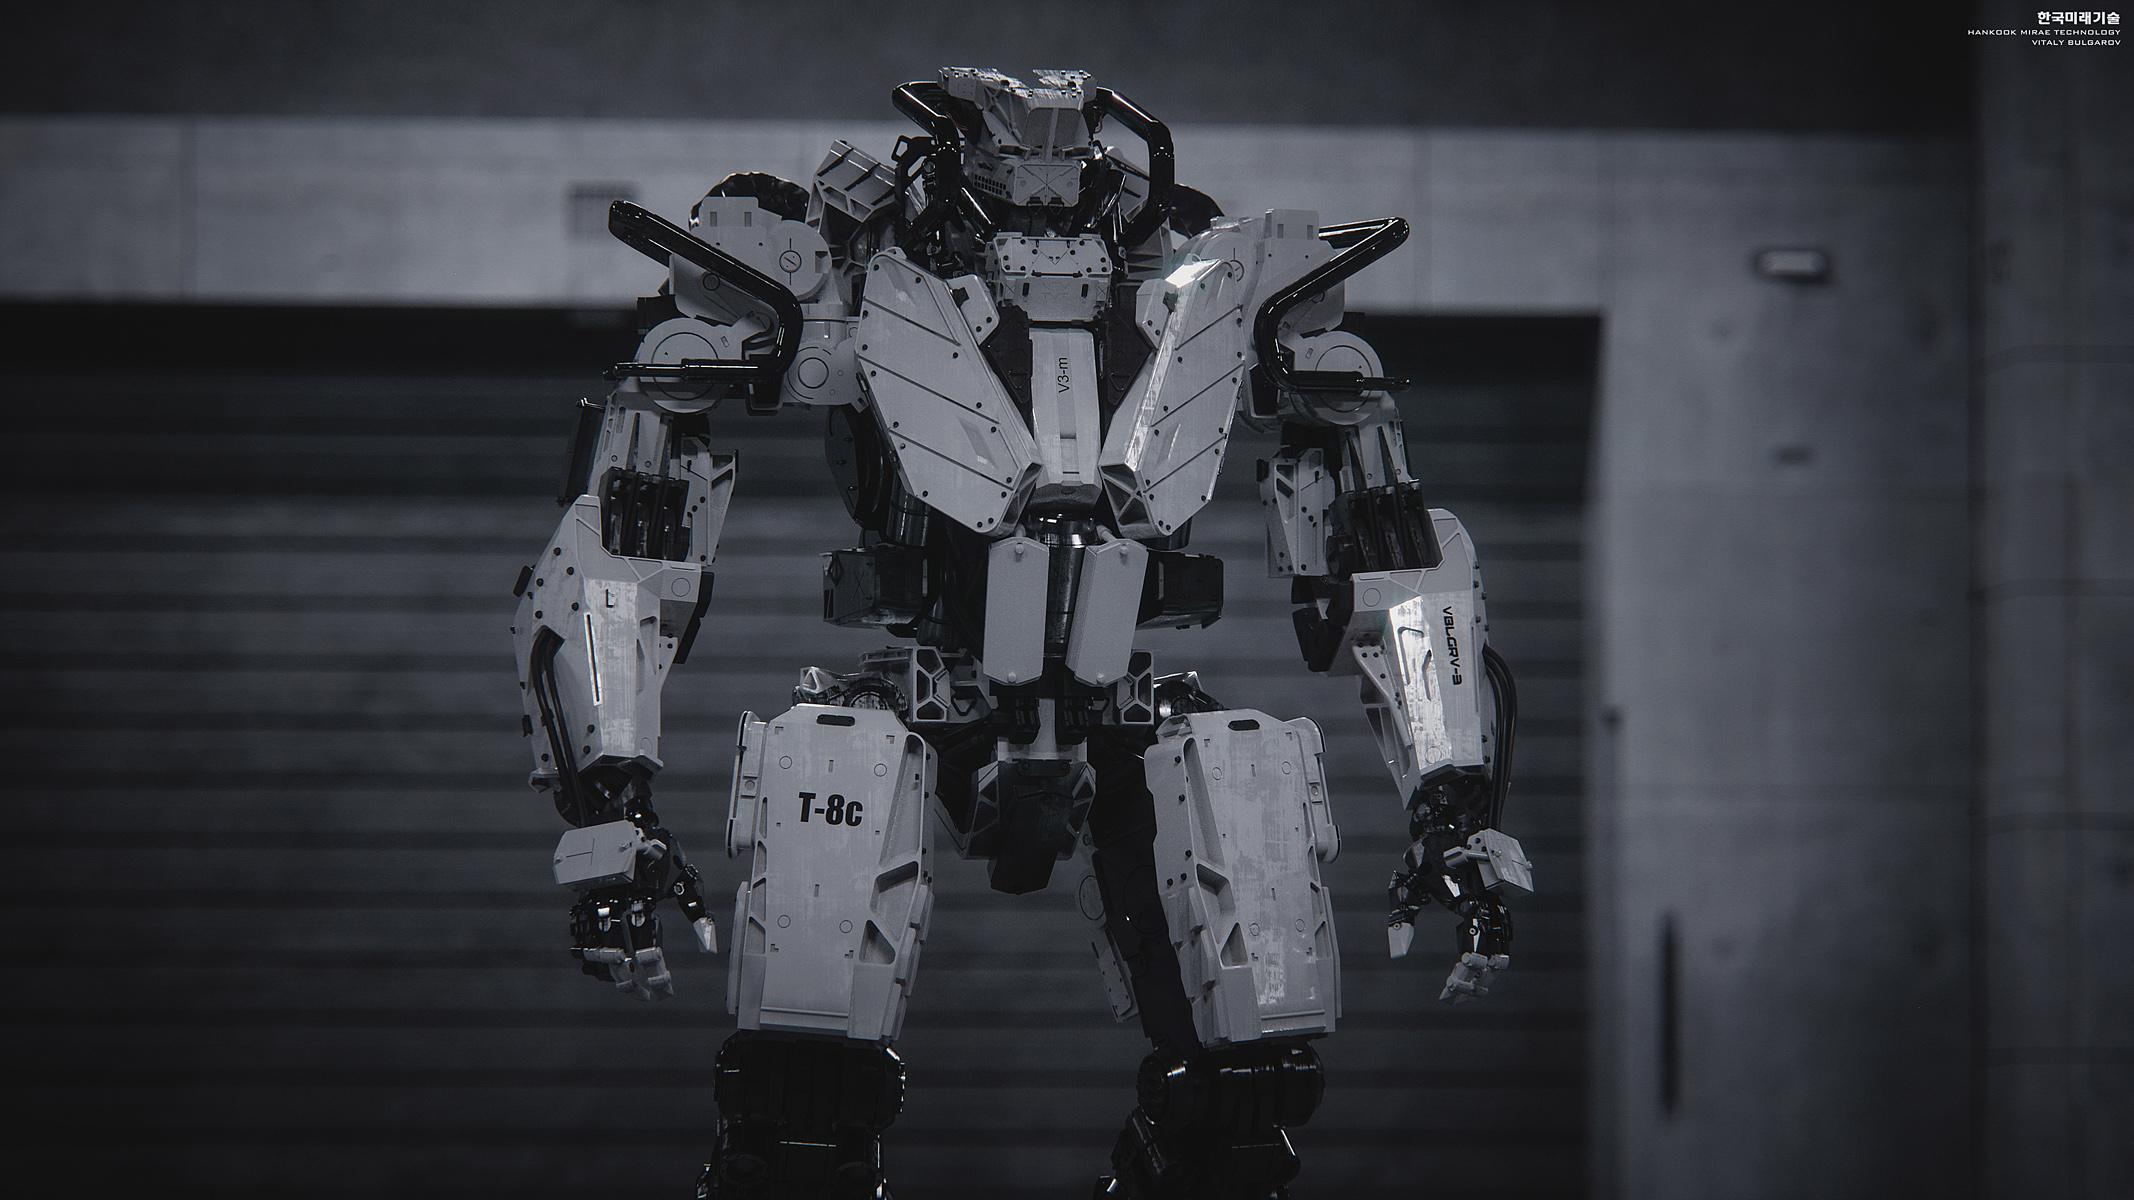 KFT_250cmRobot_V3_03.jpg